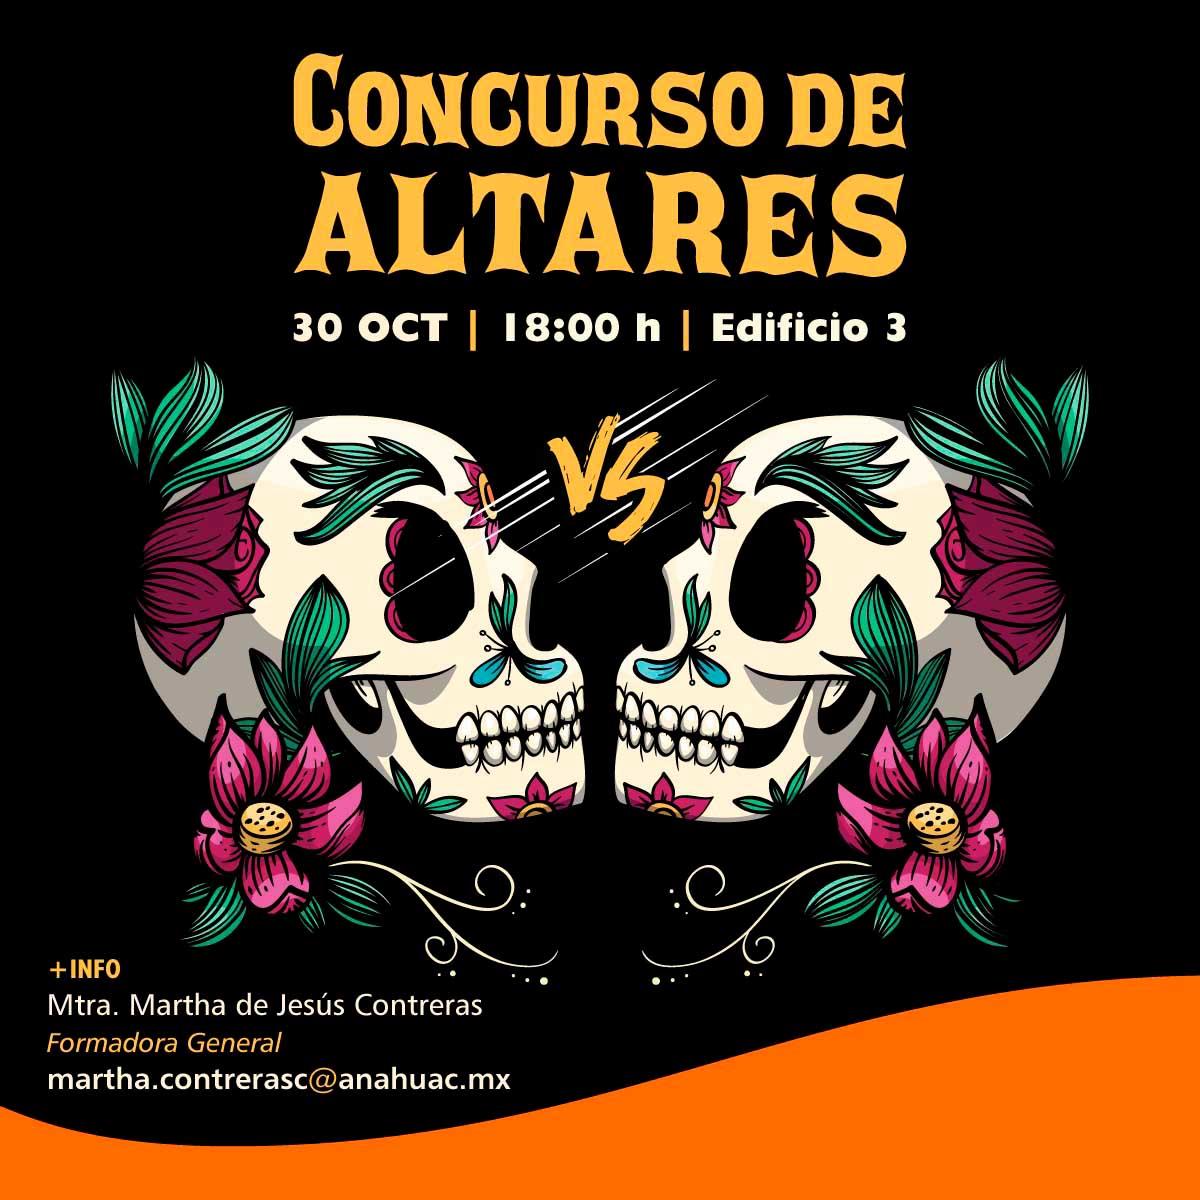 Concurso de Altares 2019